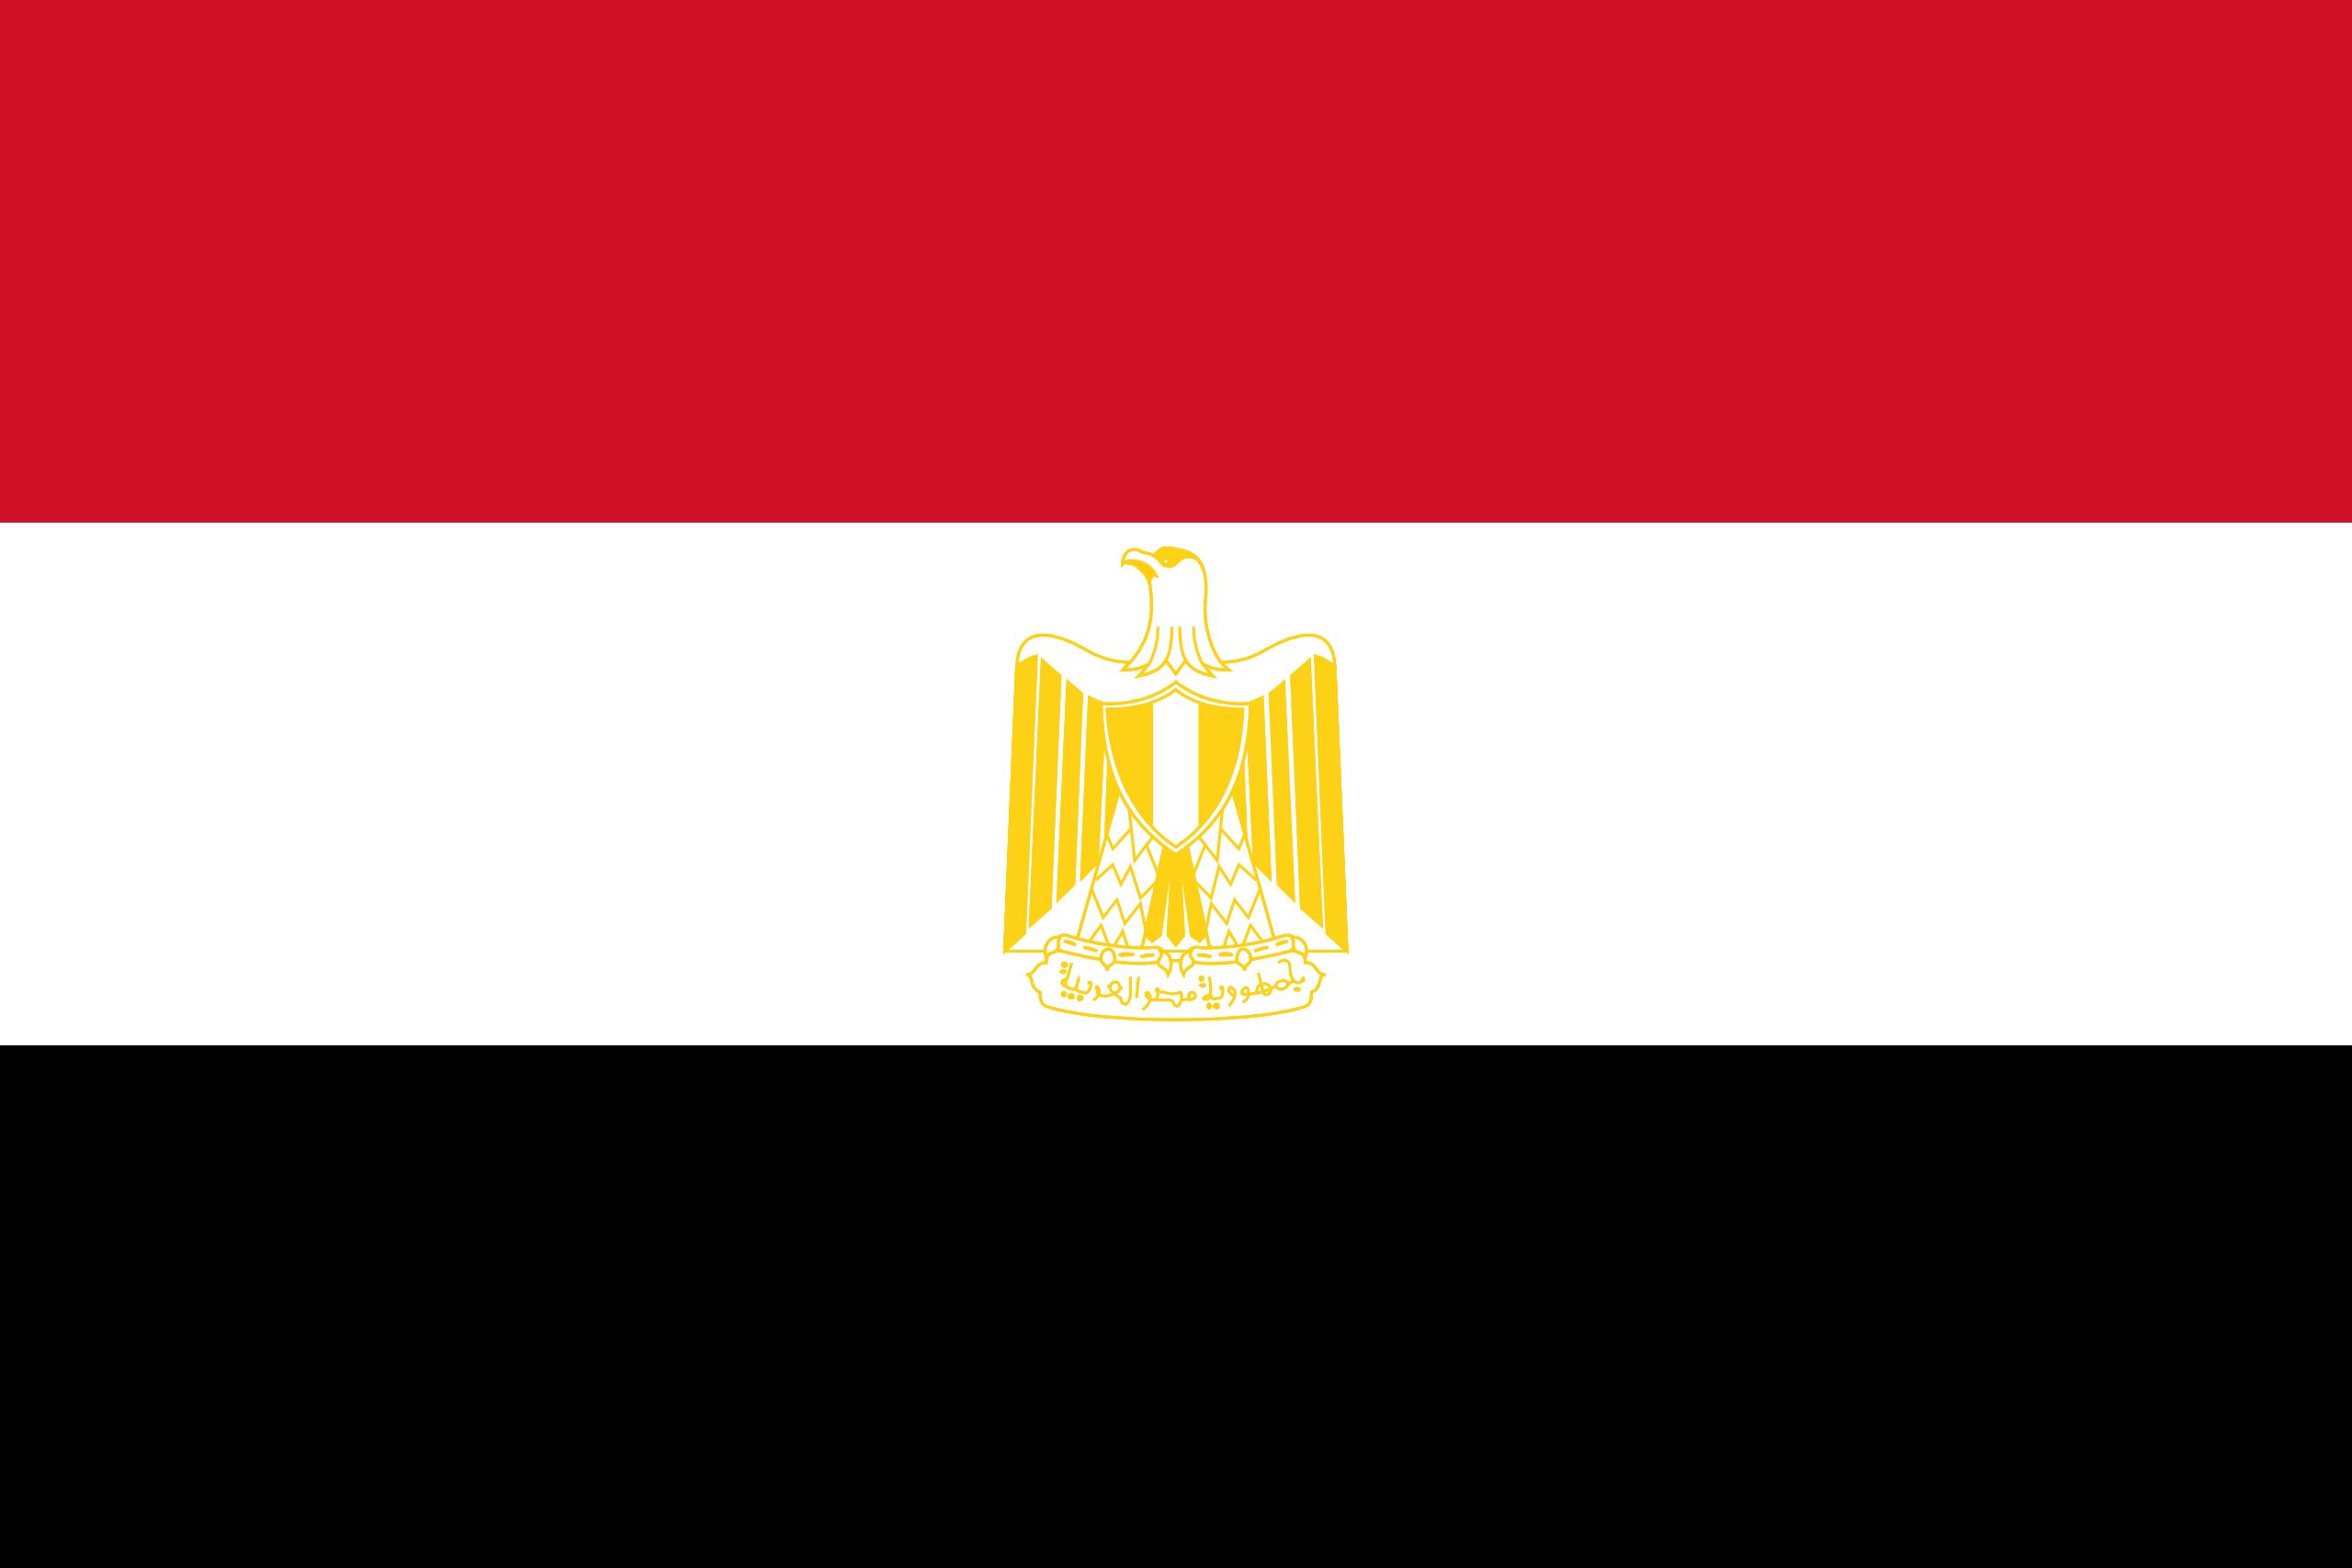 Égypte, pays, emblème, logo, symbole - Fonds d'écran HD - Professor-falken.com